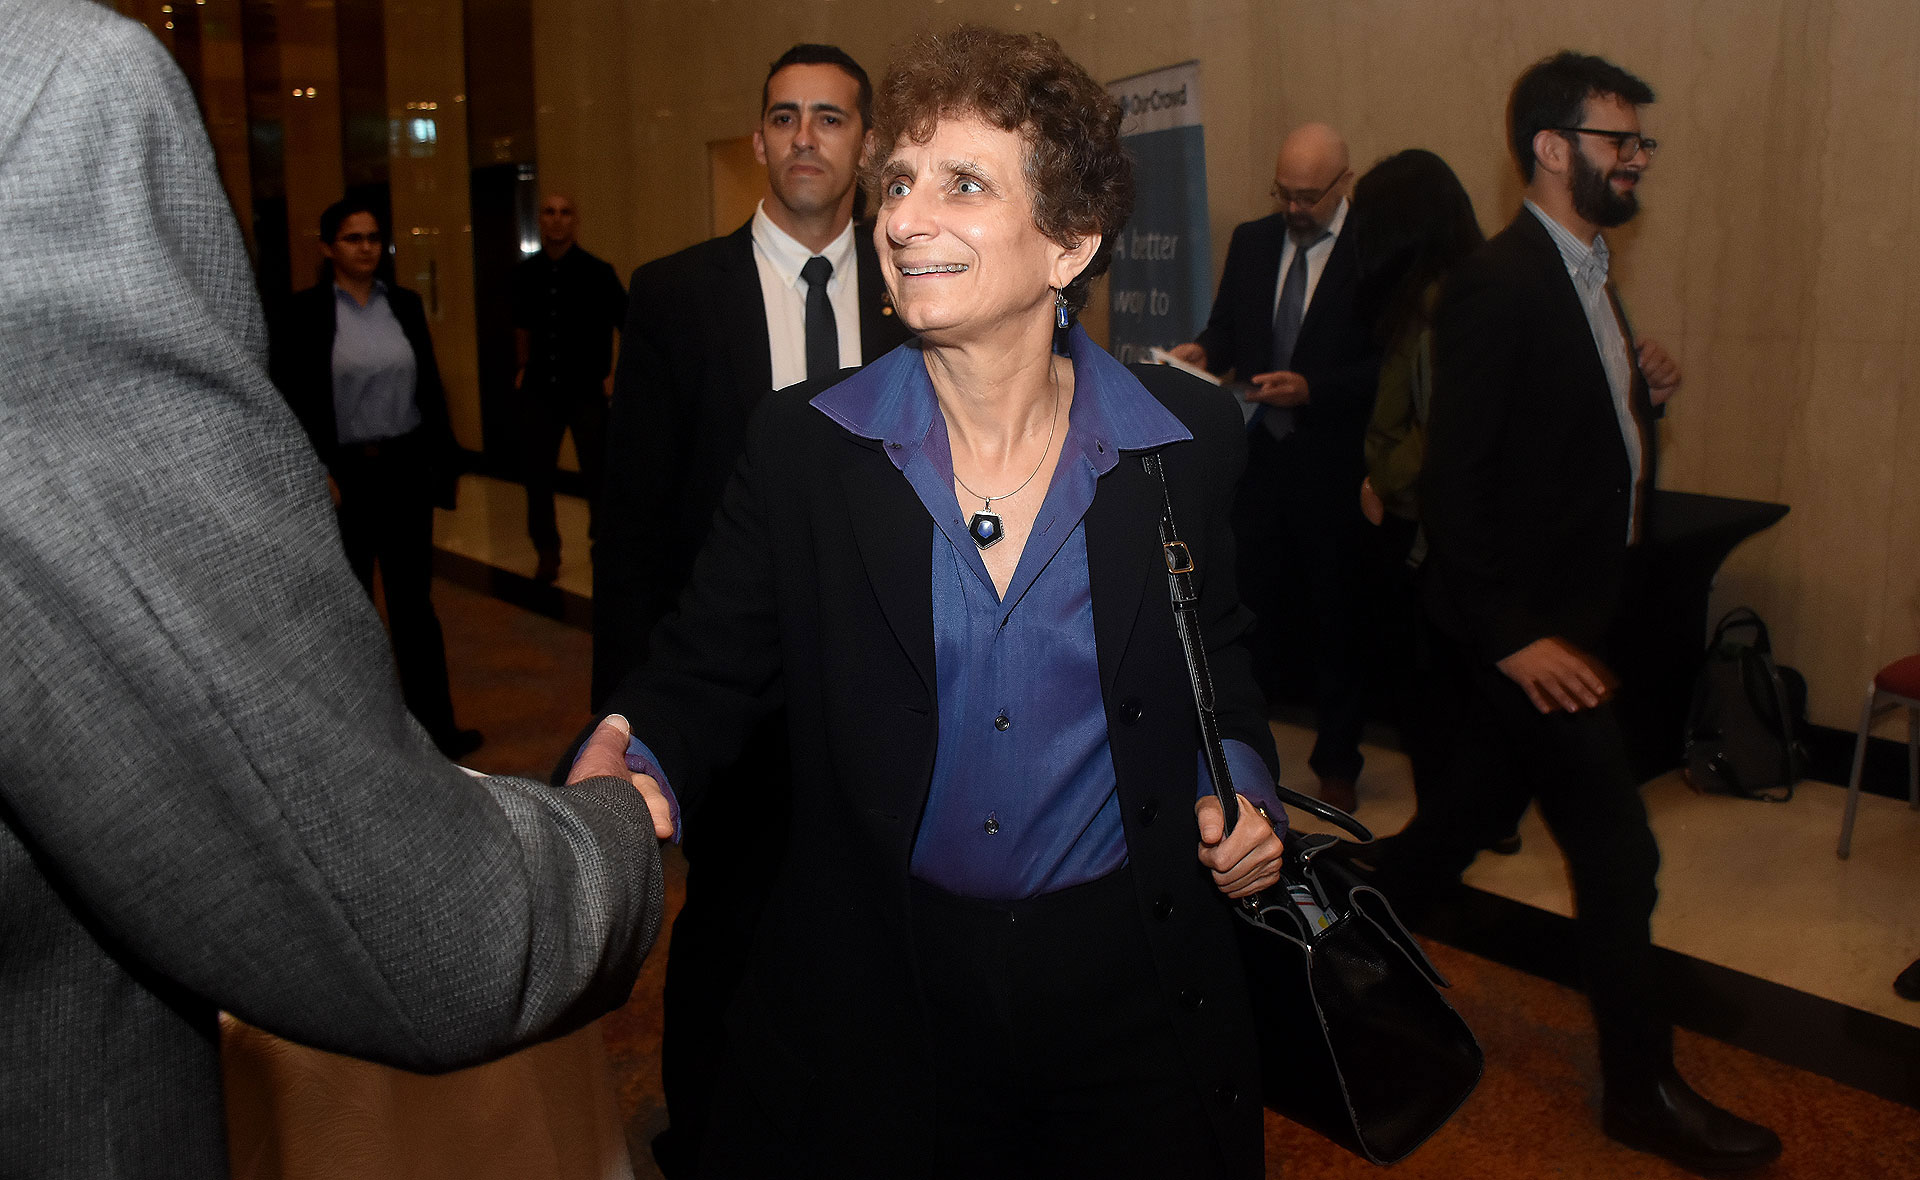 La embajadora de Israel en la Argentina, Galit Ronen